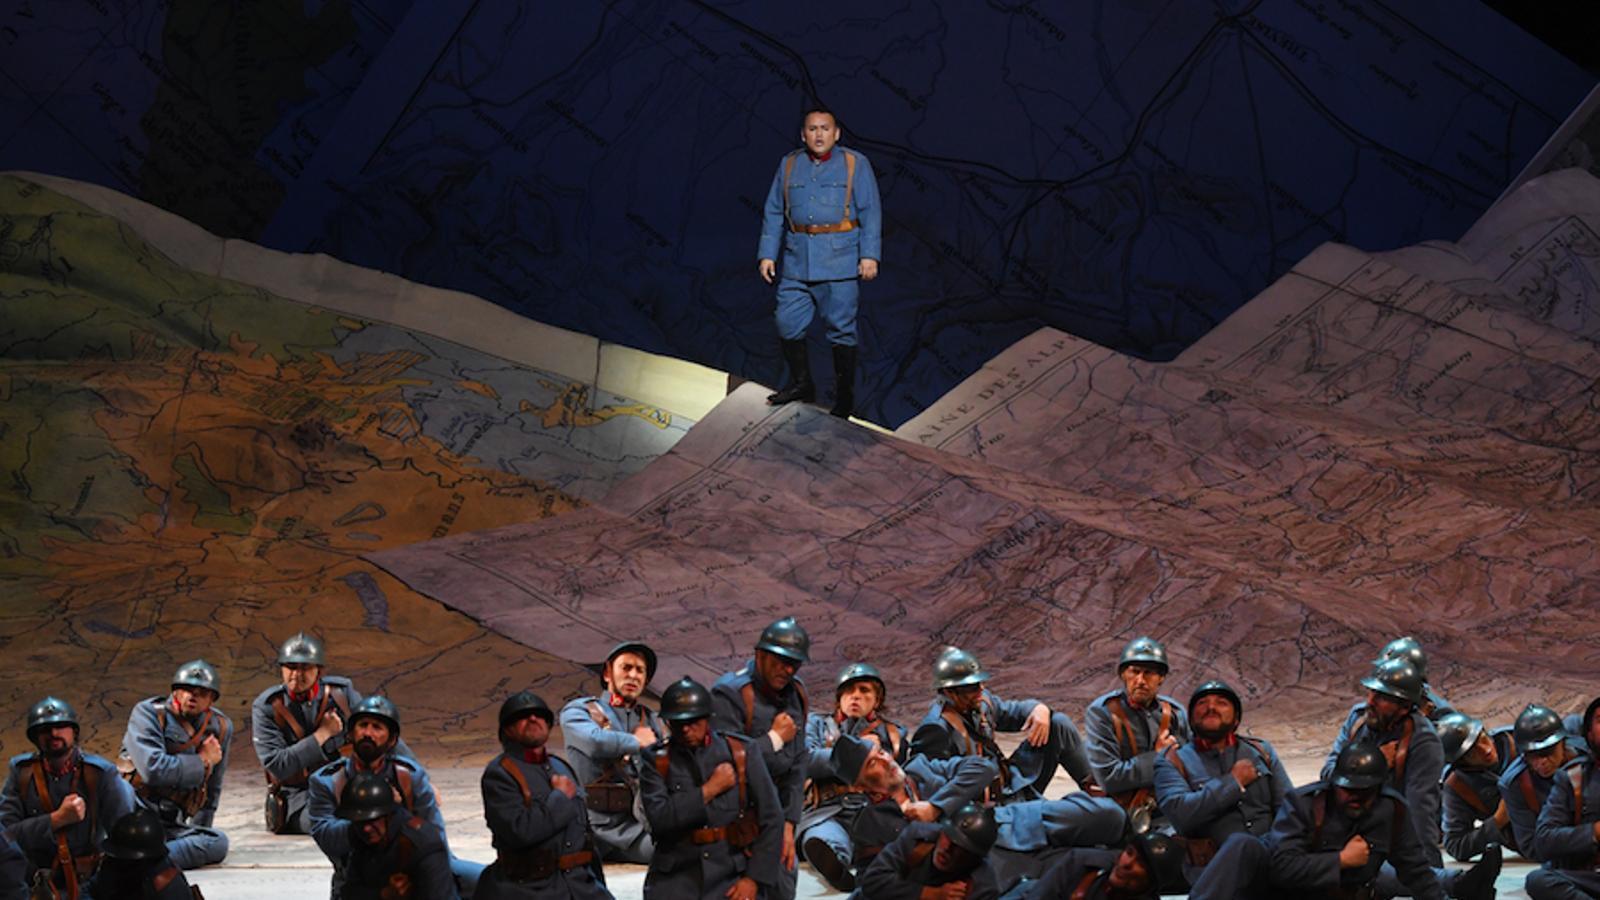 Javier Camarena a 'La fille du régiment' / A. Bofill / Gran Teatre del Liceu